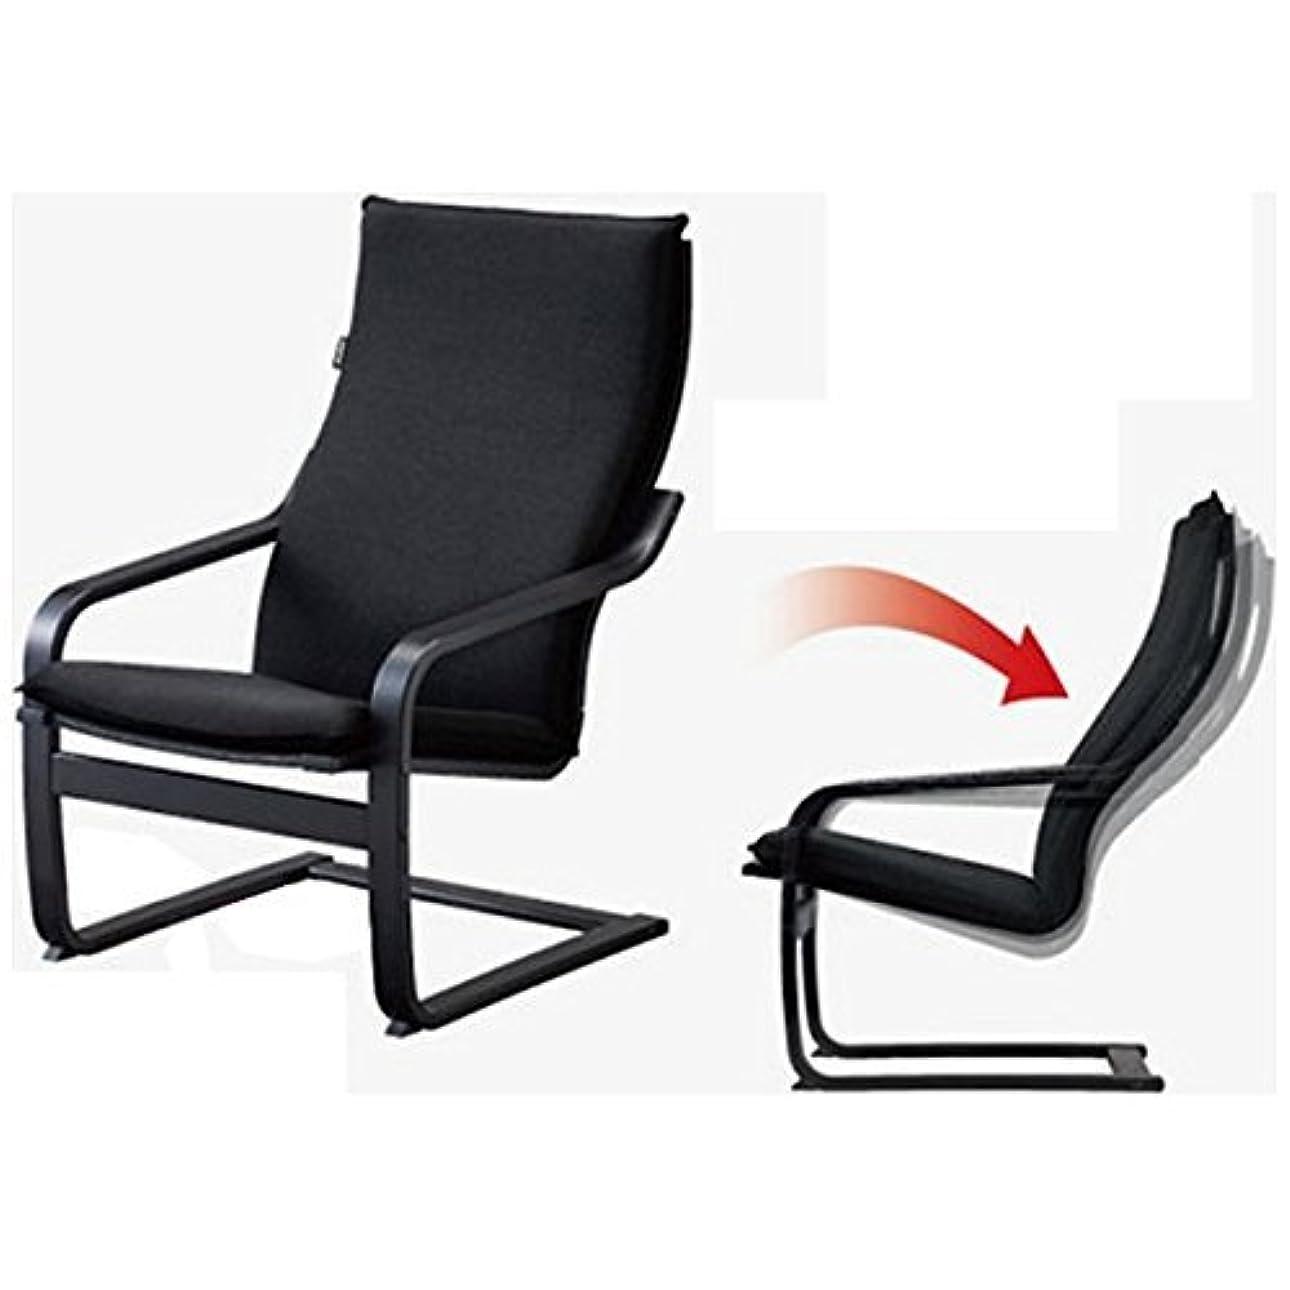 トラップ水族館禁止するフジ医療器 シートマッサージャー用チェア(ブラック)my relax(マイリラ) MRL-10C